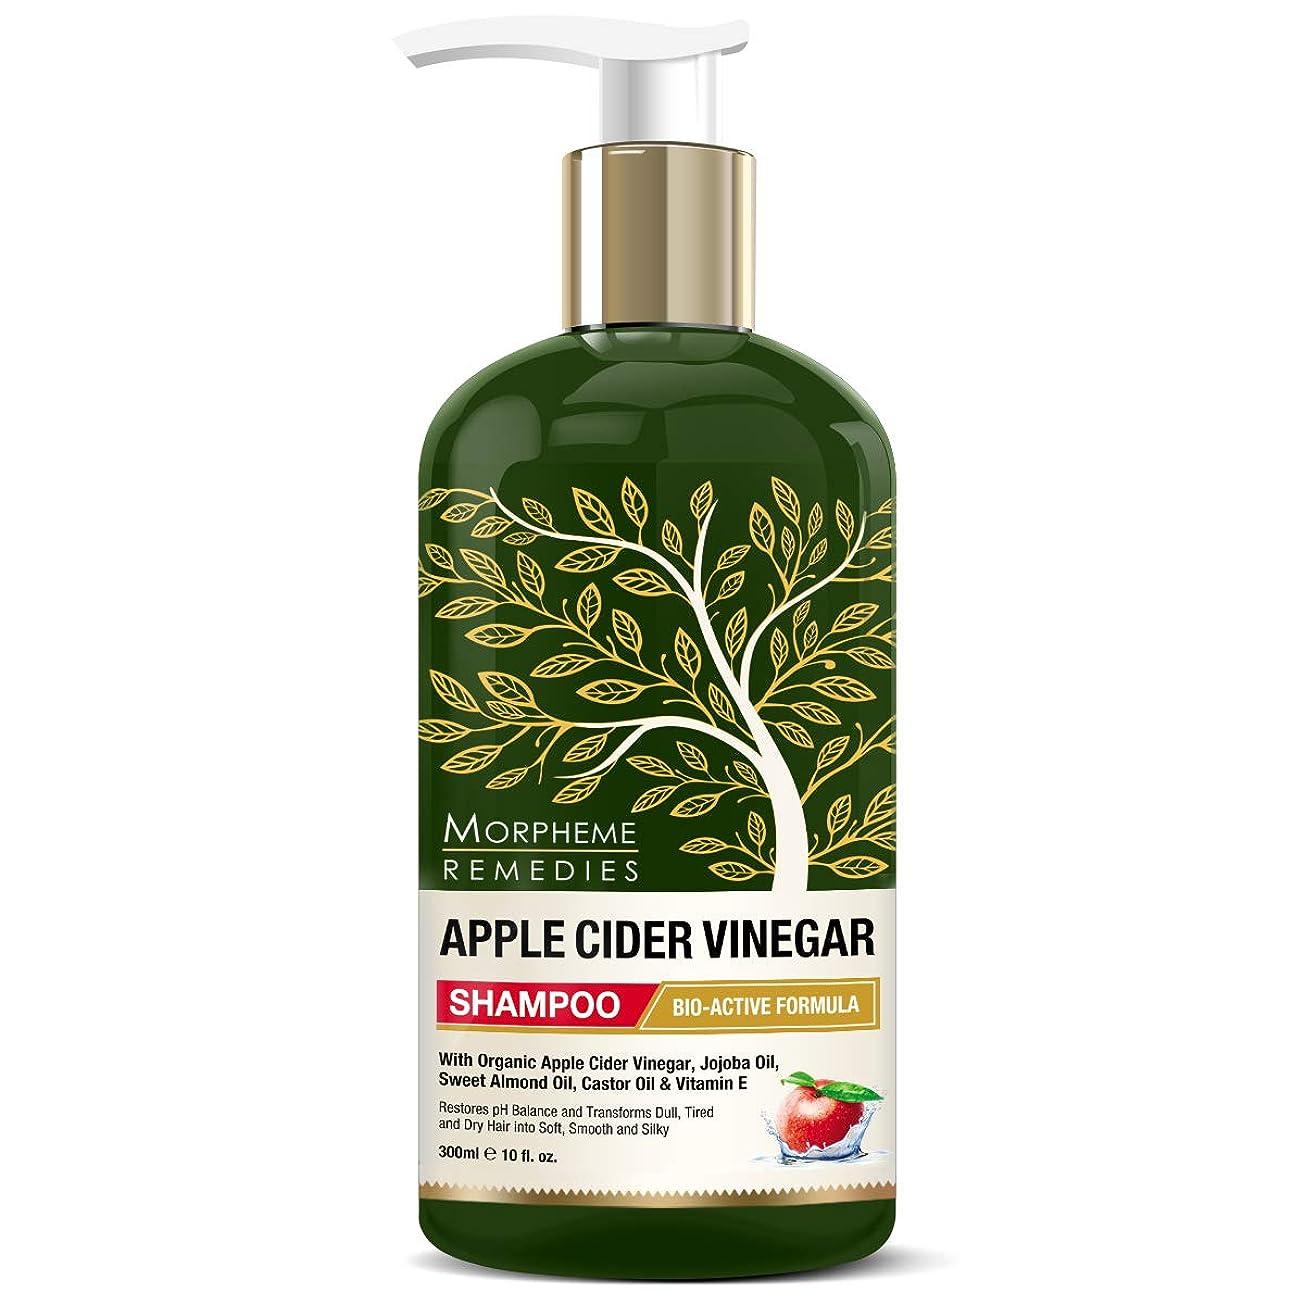 現代おじさん同化Morpheme Remedies Apple Cider Vinegar Shampoo (No Sulfate, Paraben or Silicon), 300ml - Transforms Dull, Tired & Dry Hair into Soft, Smooth & Silky